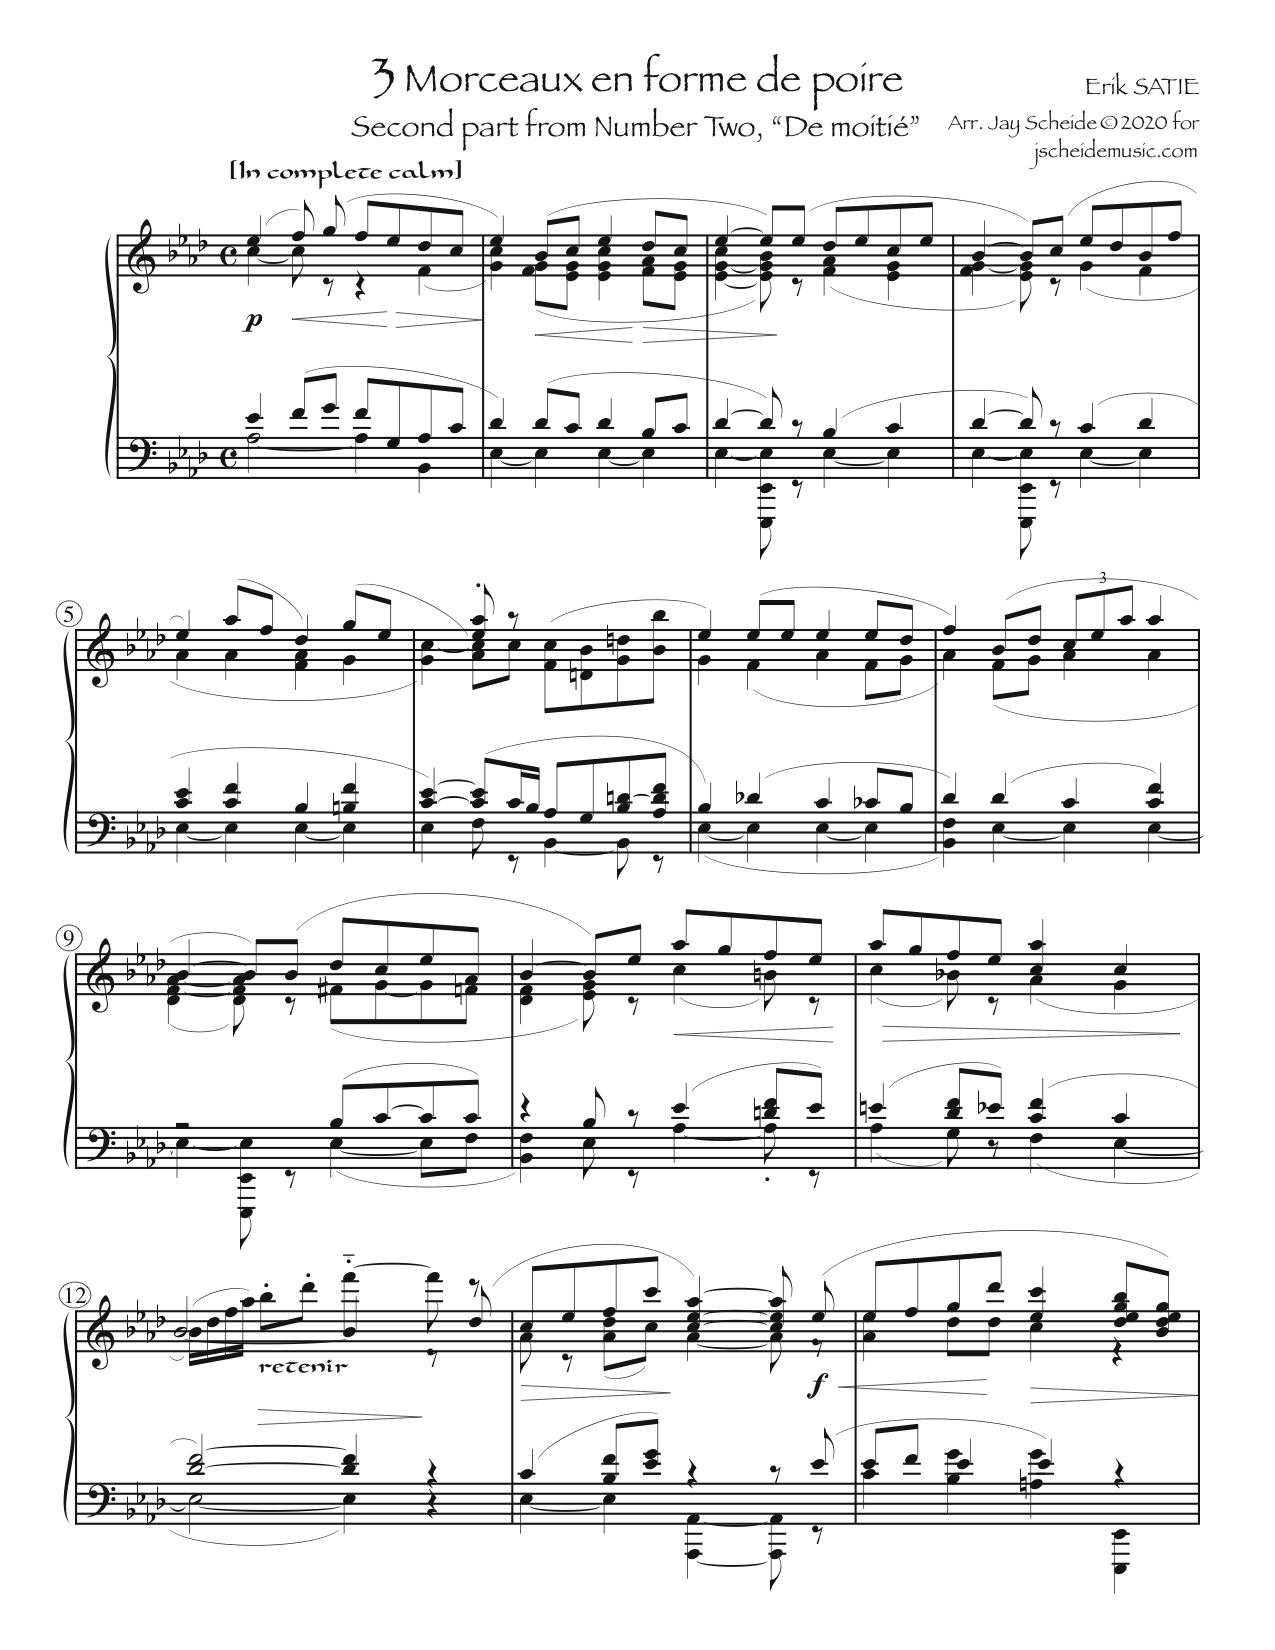 """Excerpt from """"No. 2"""" of *Trois morceaux en forme de poire*"""